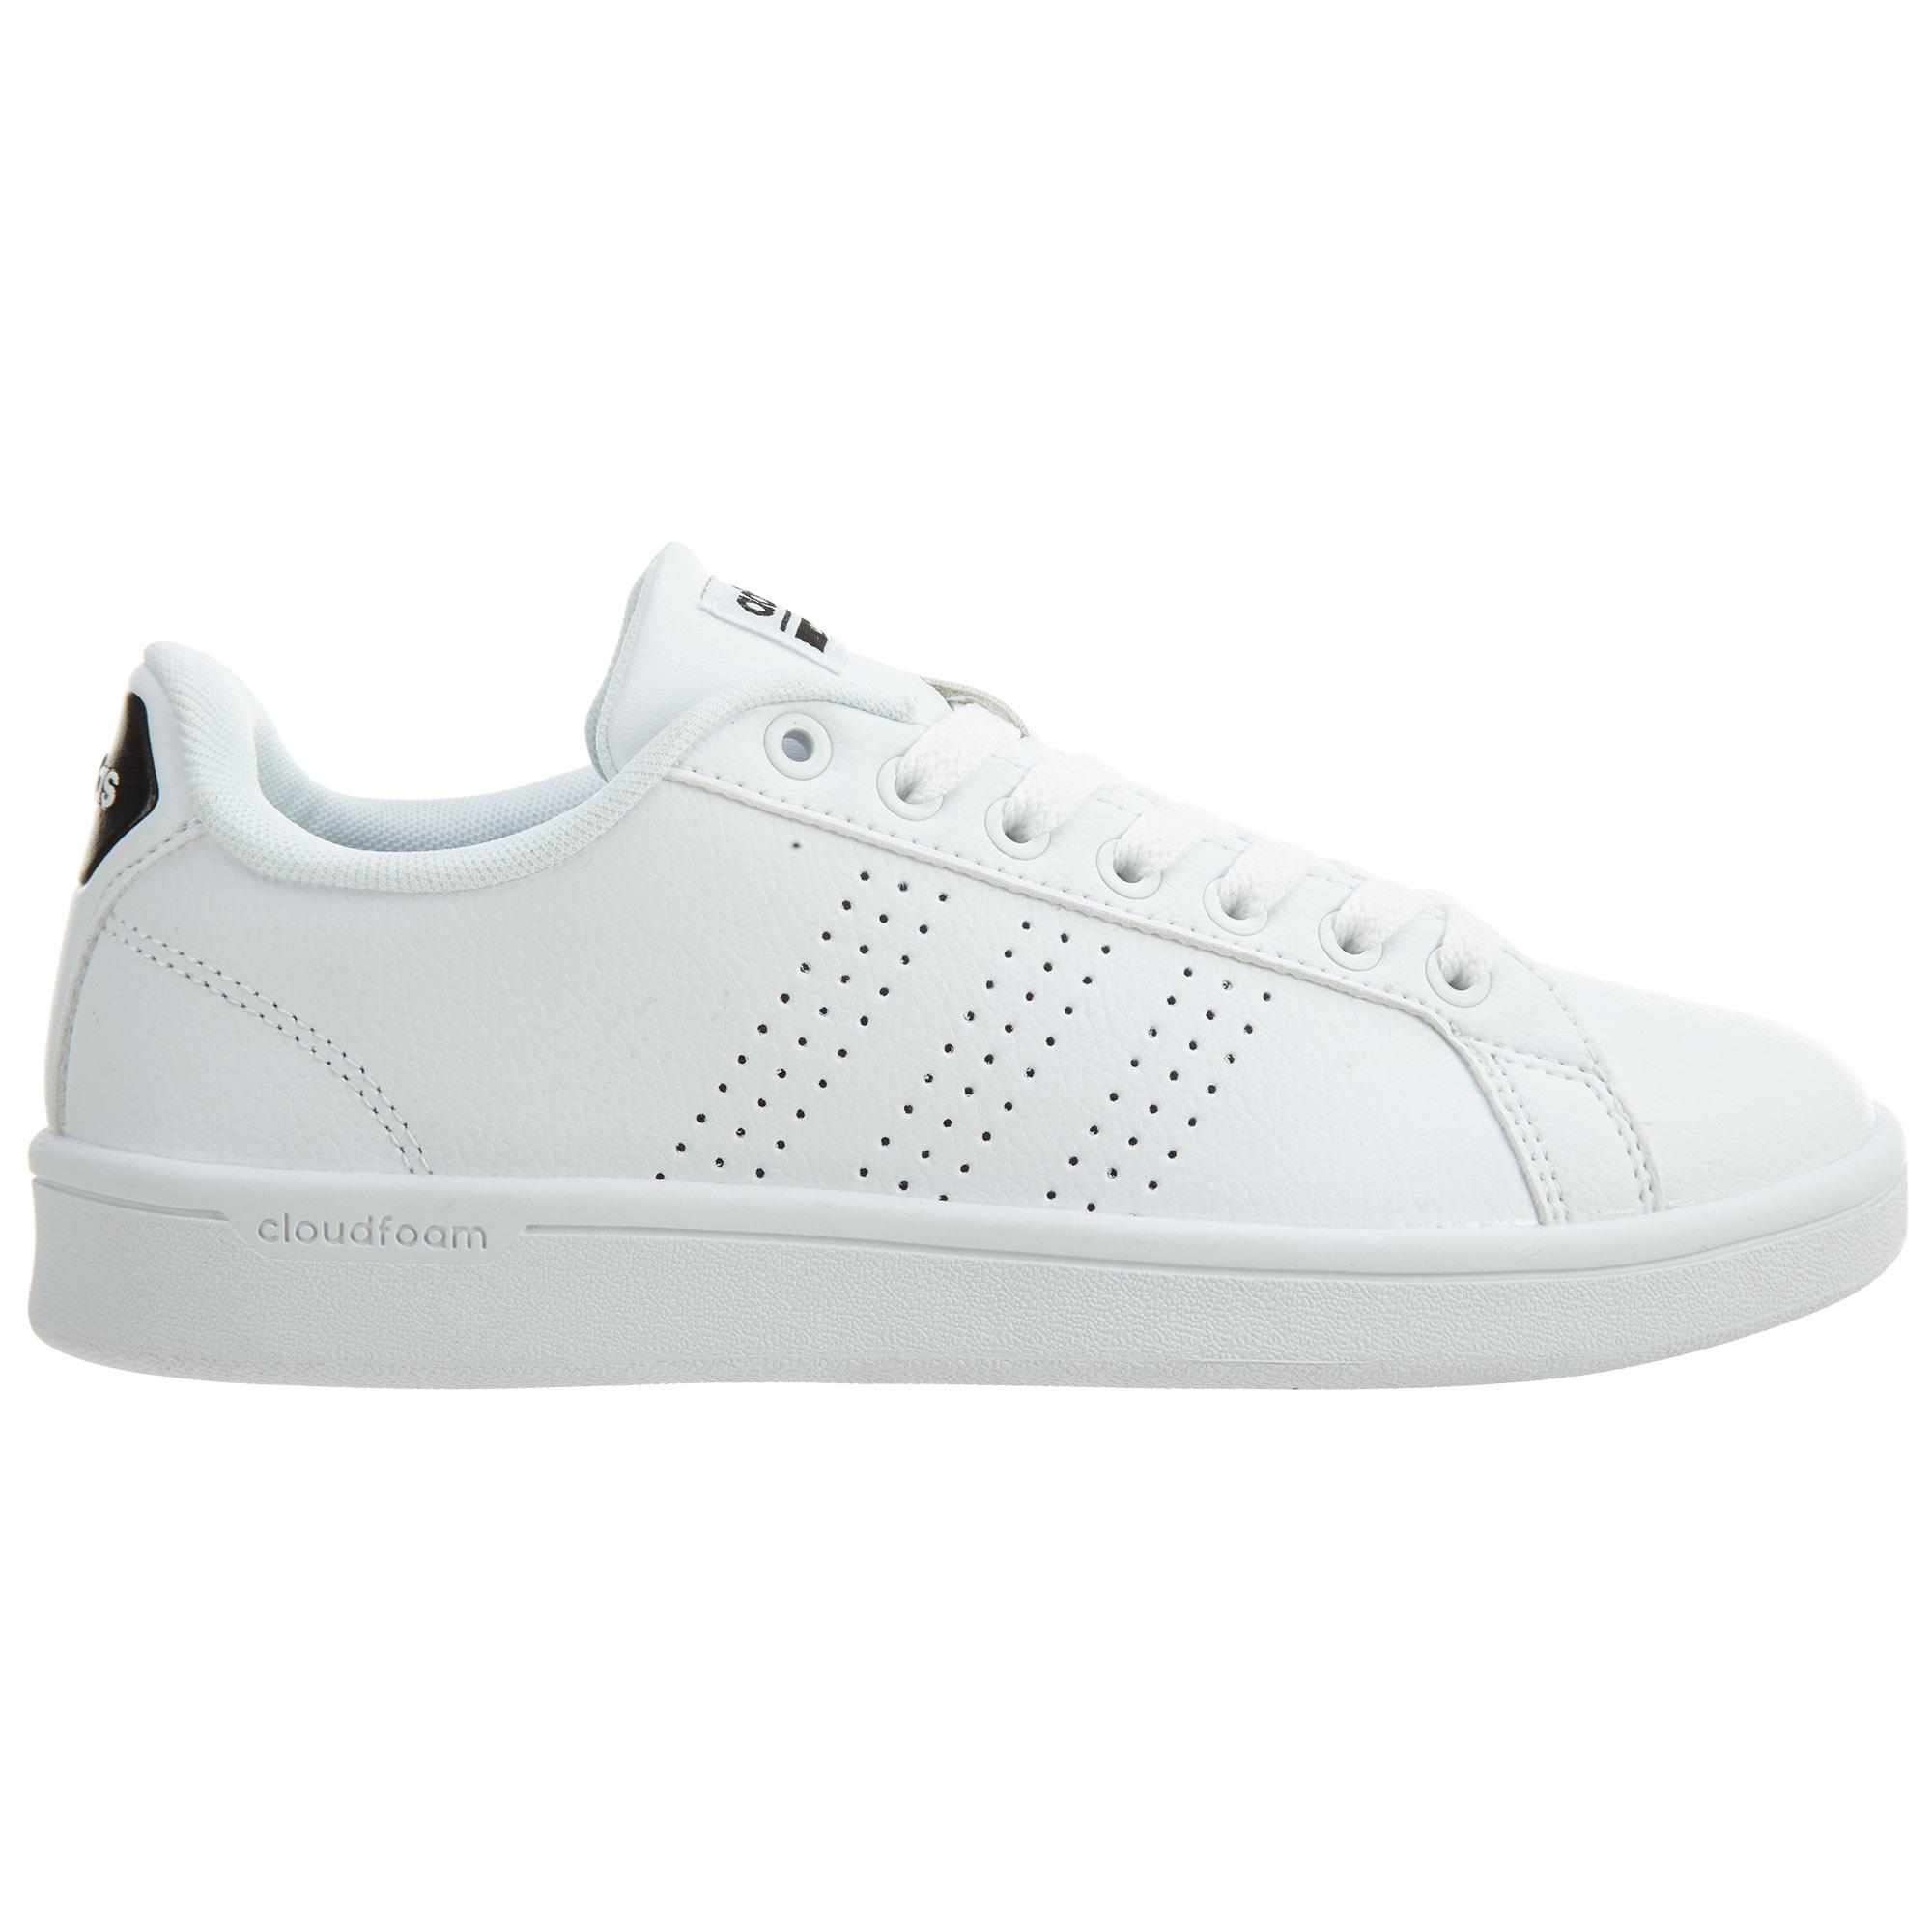 adidas Cloudfoam Advantage Clean White White-Black (W)